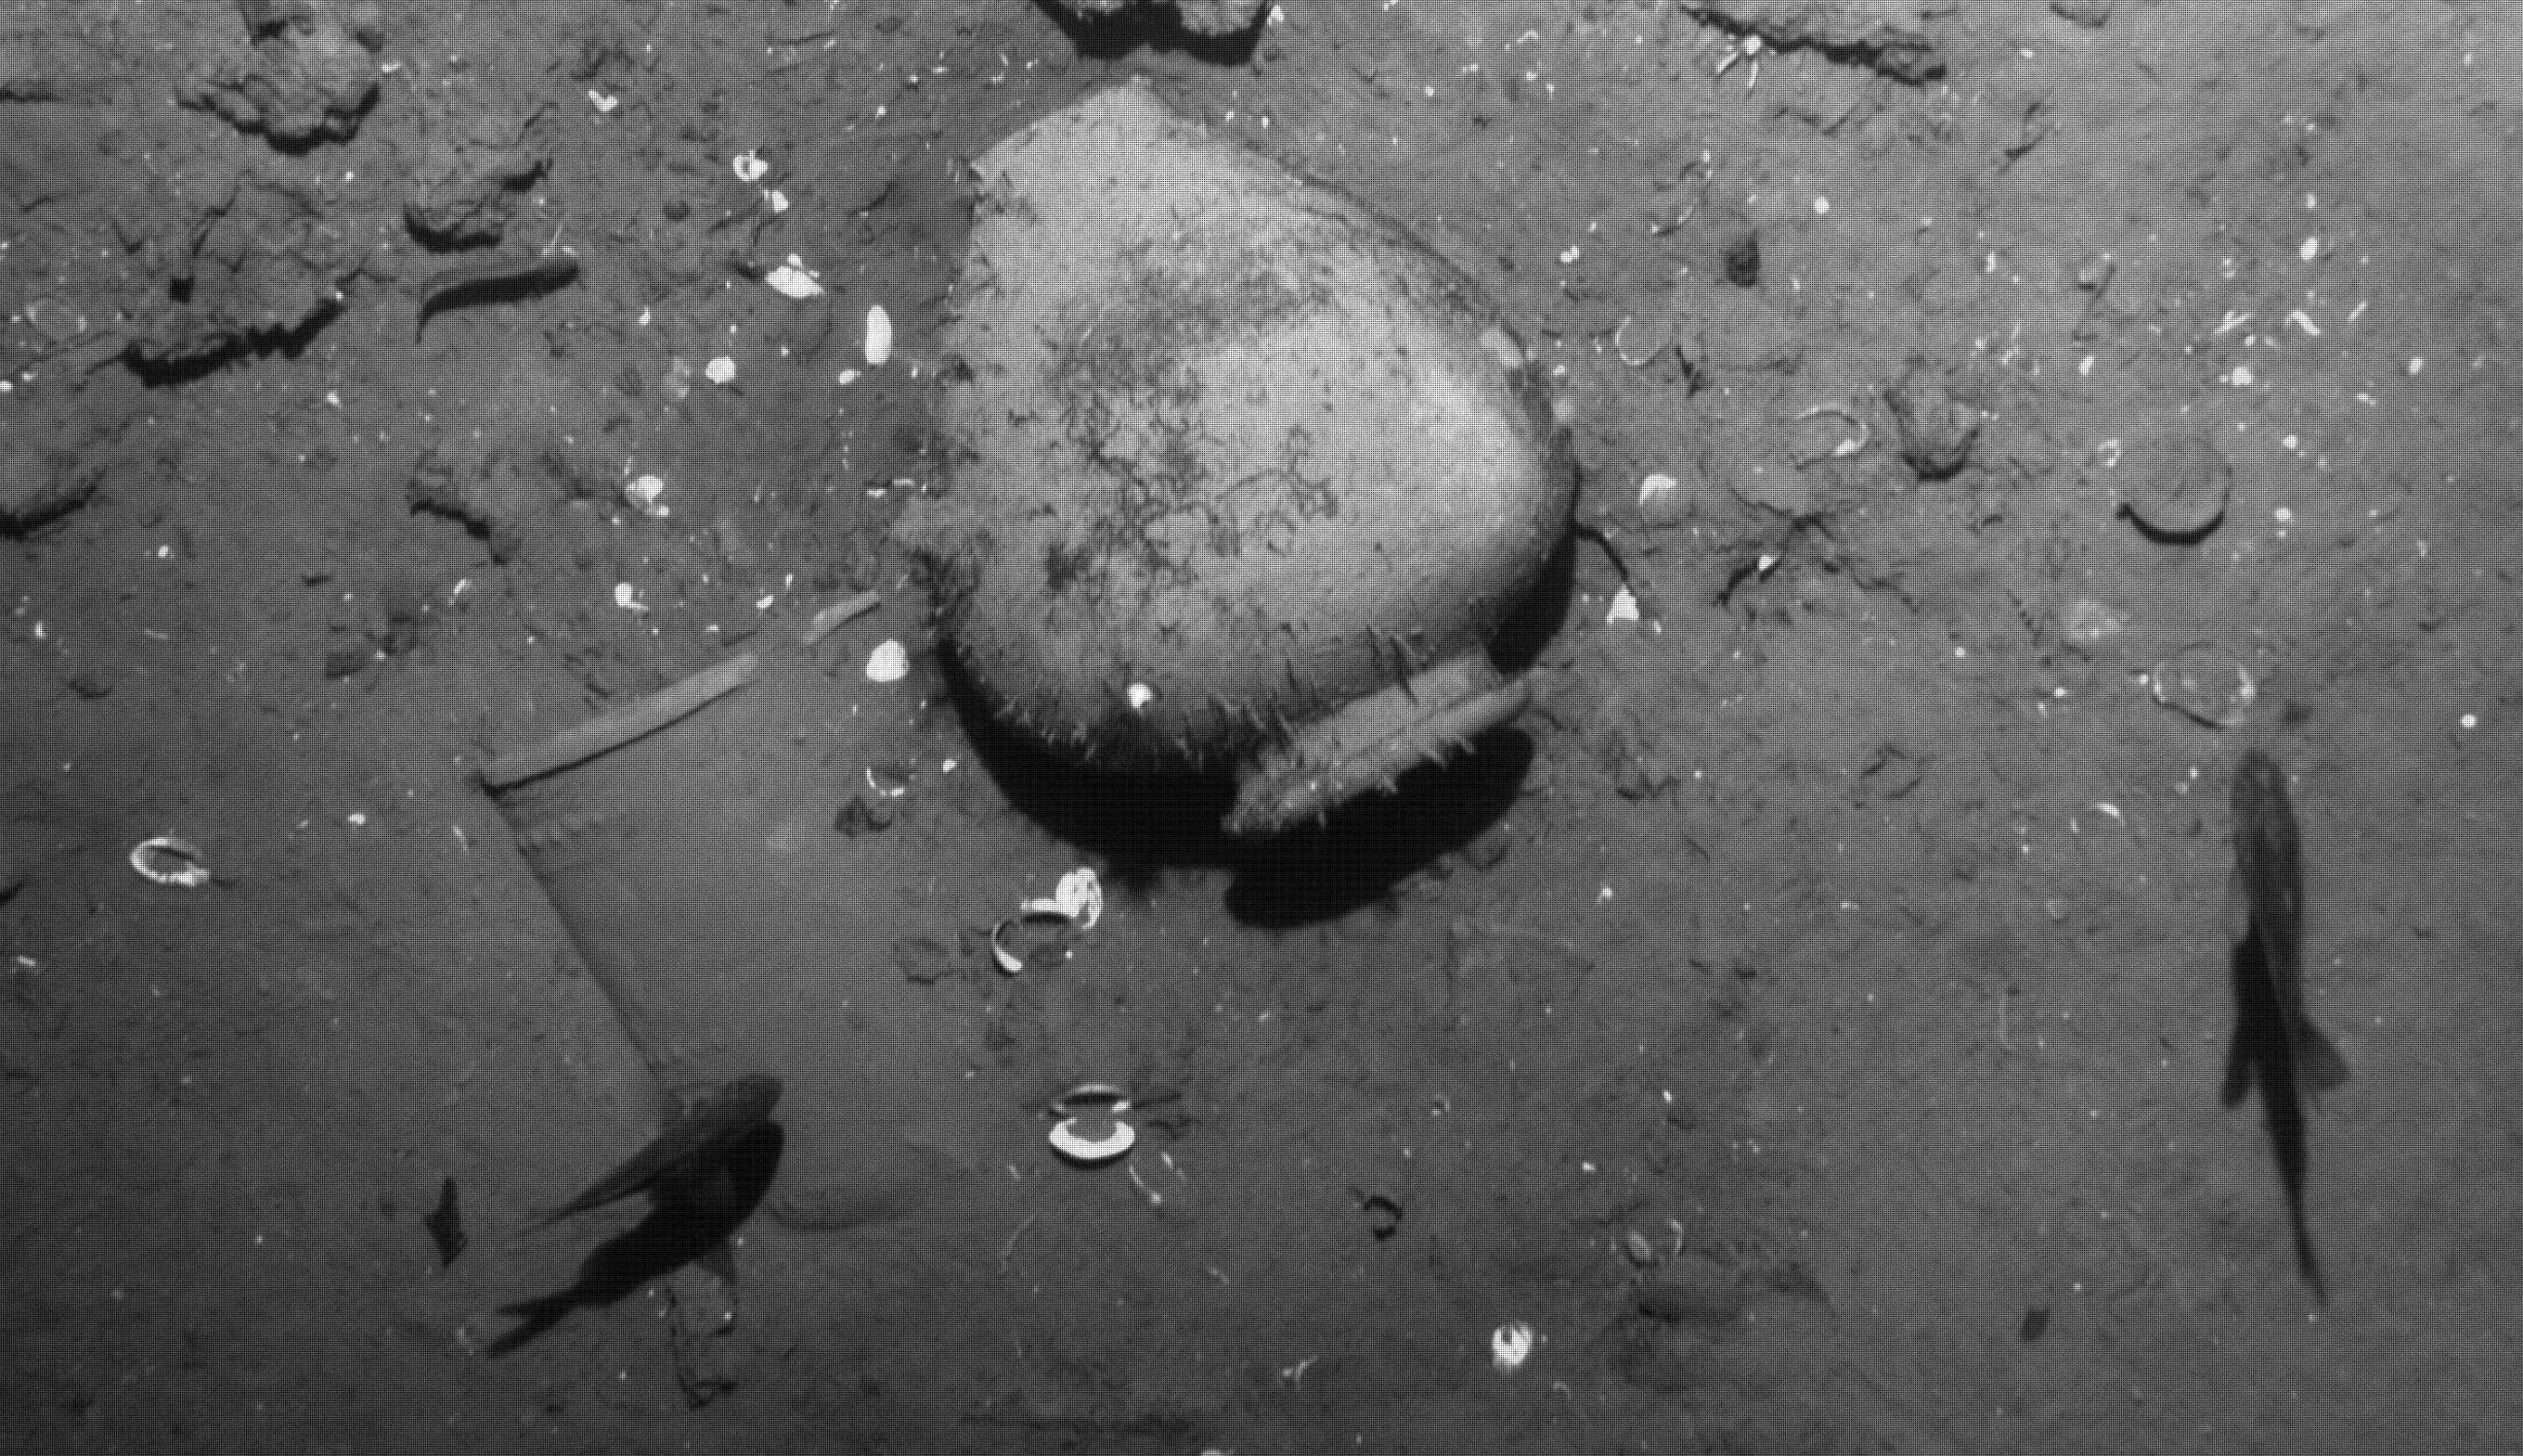 Vor gut einer Woche haben Archäologen den wohl größten Schatz der Welt entdeckt: Vor 307 Jahren ist das spanische Schiff San José gesunken – mit elf Million Gold- und Silbermünzen an Bord. Die Münzen hatten ein Gewicht von 344 t.